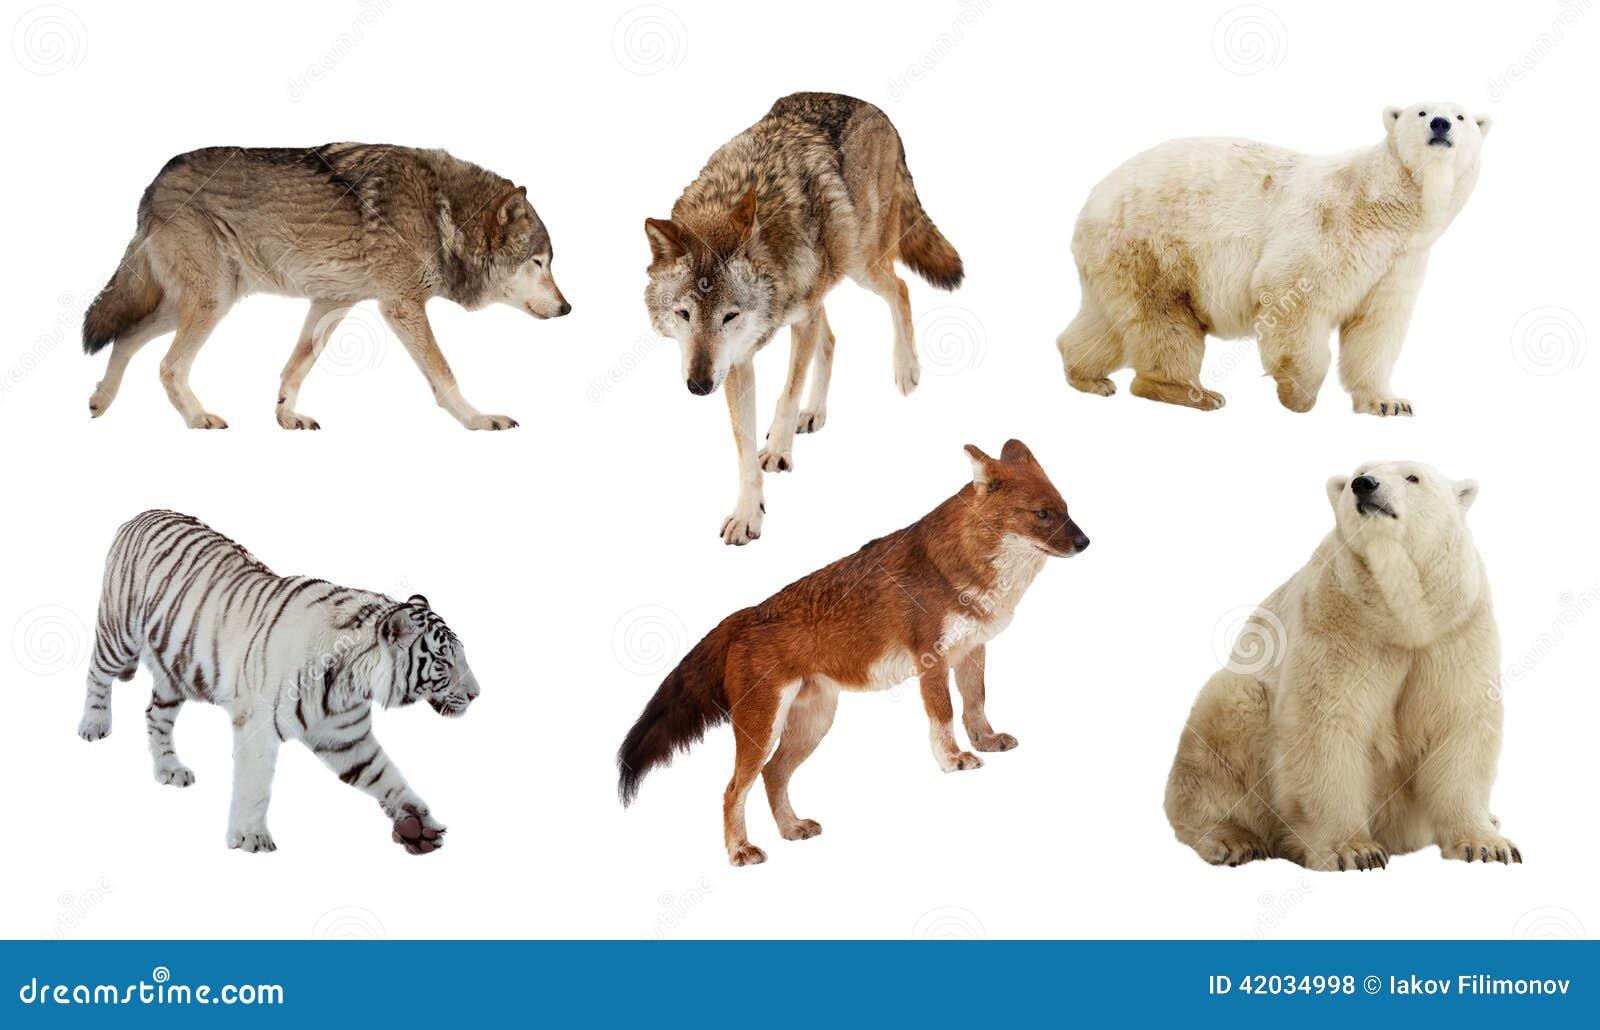 Small Dog Name List